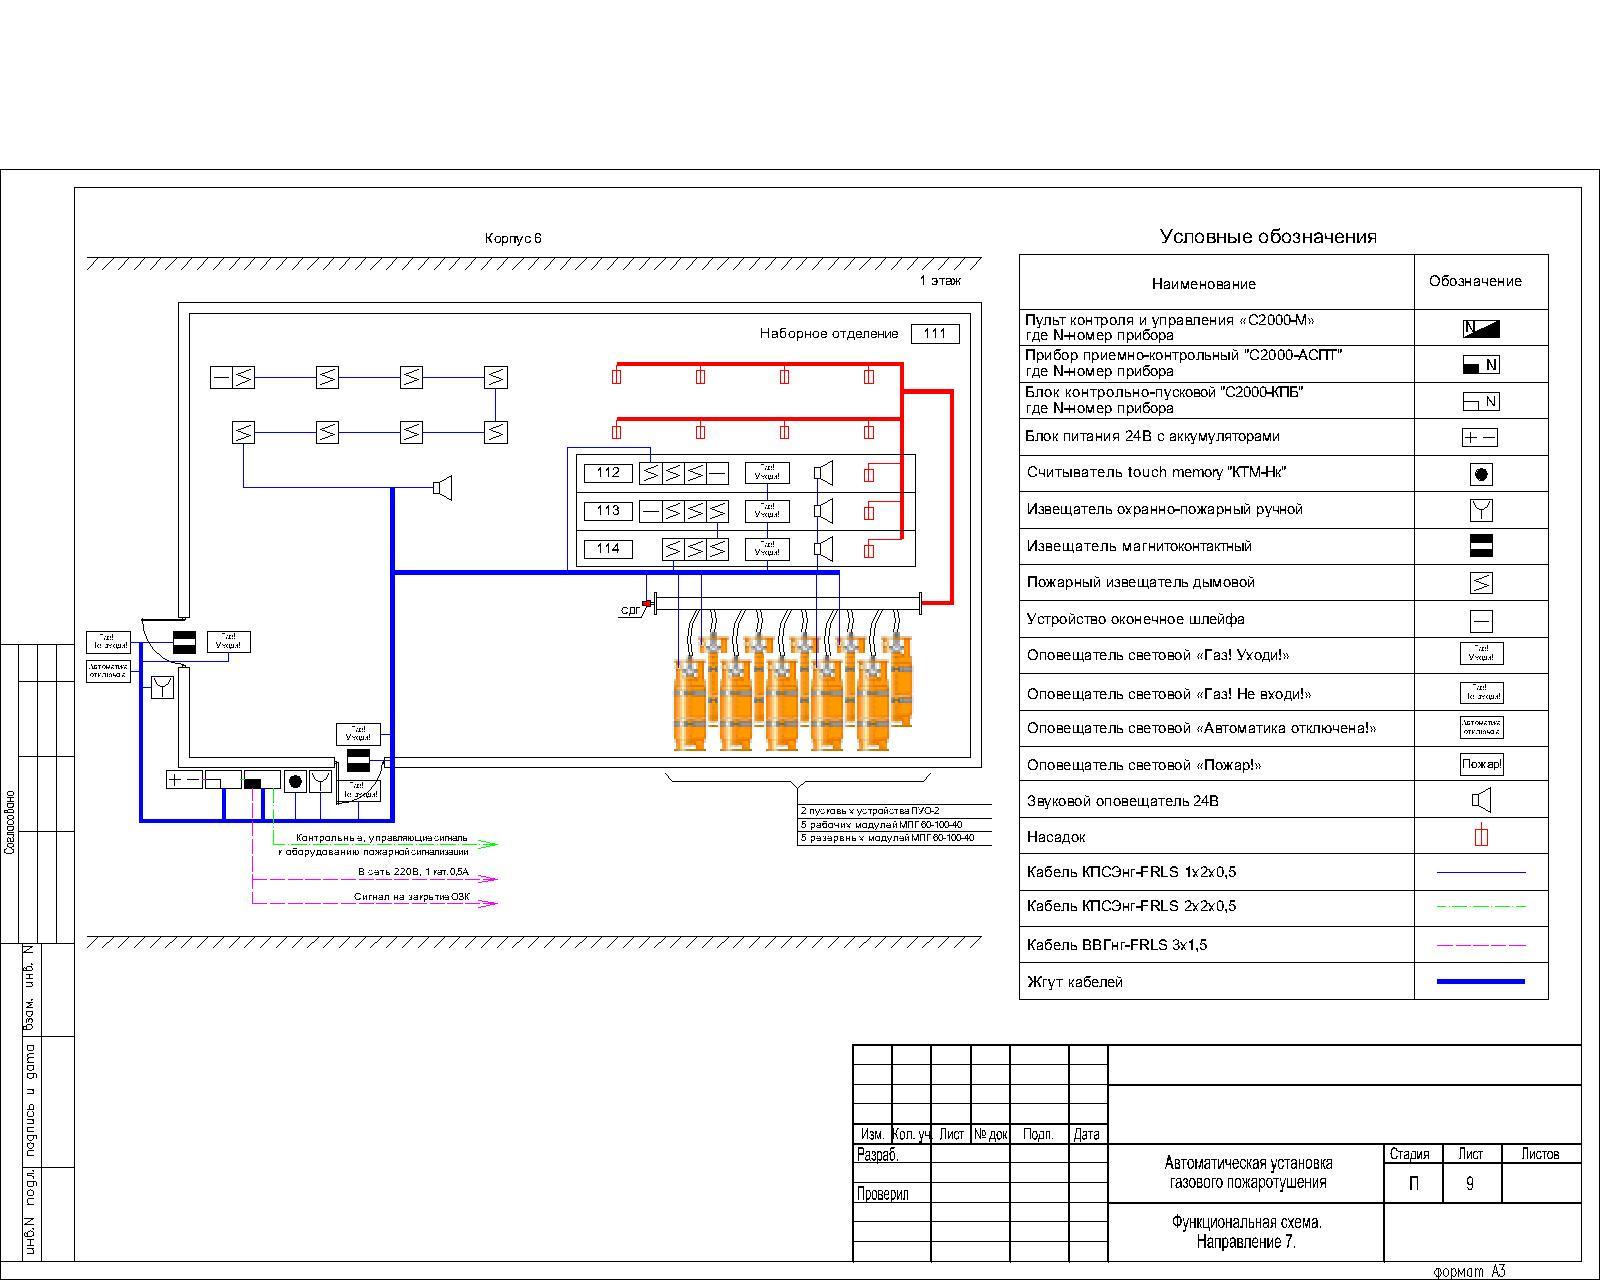 Условное обозначение на схеме трансформаторов5